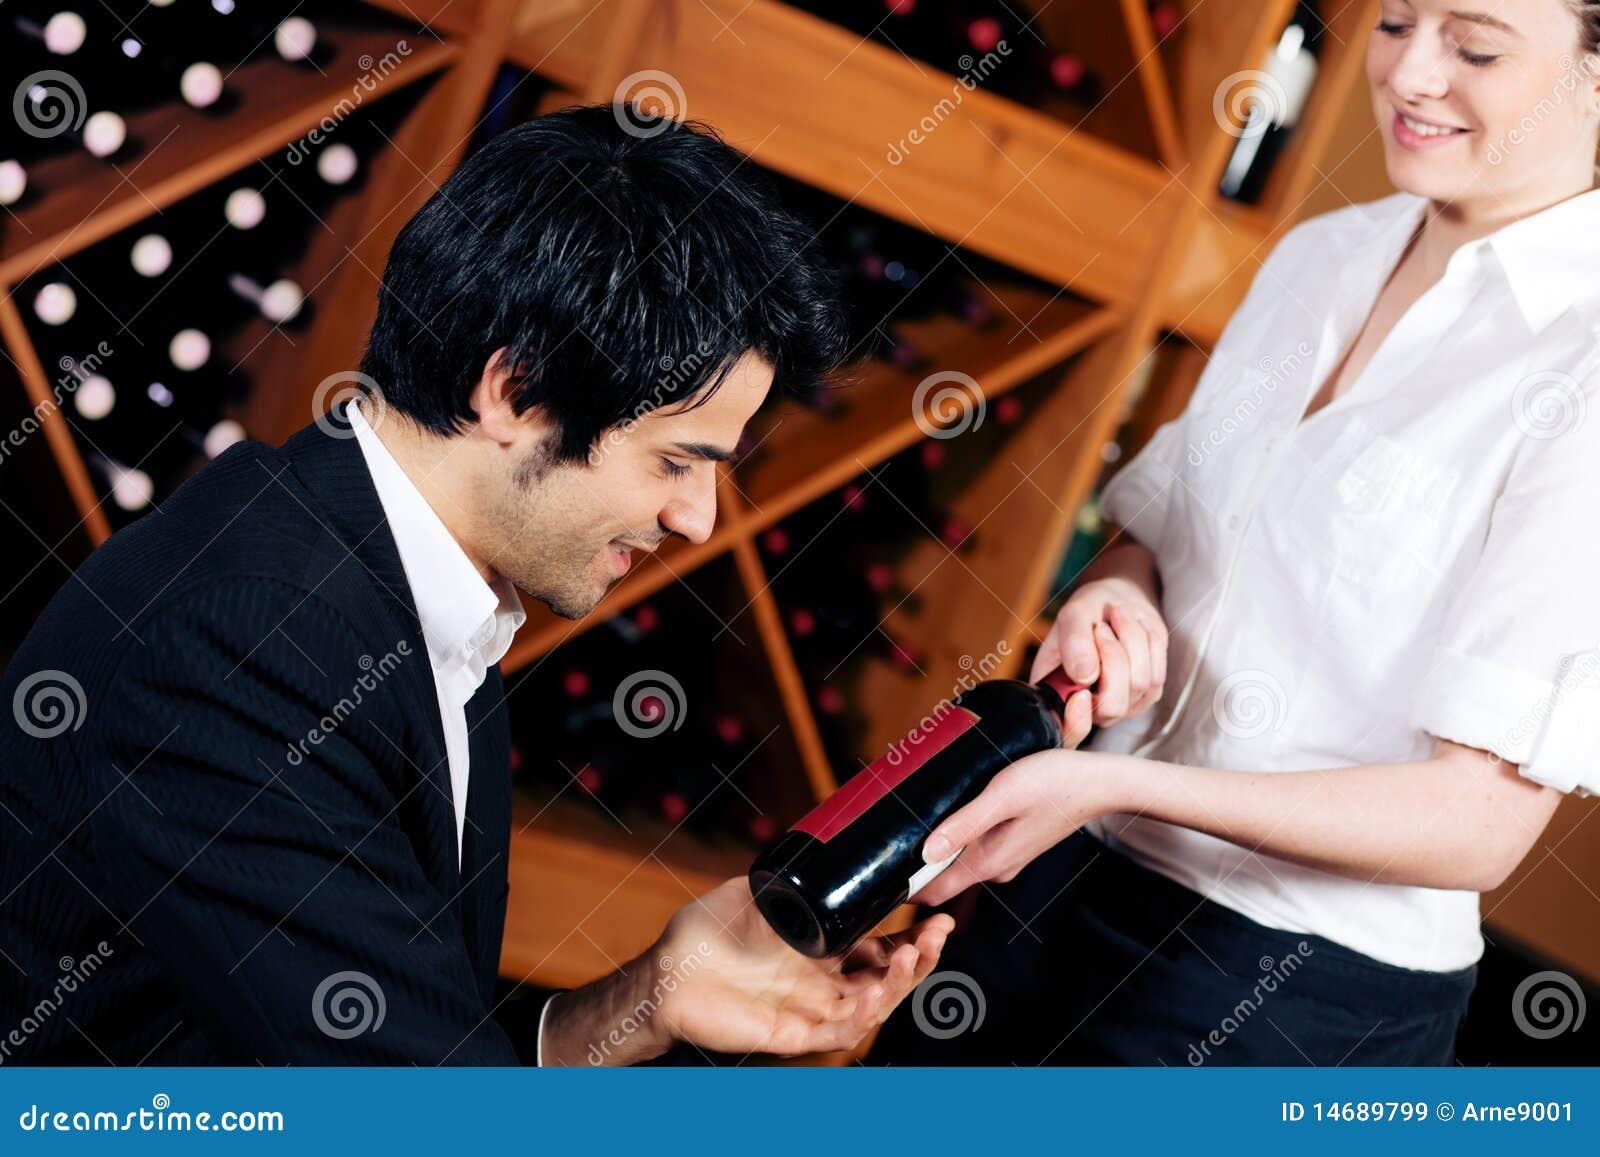 Kellnerin bietet eine Flasche Rotwein an